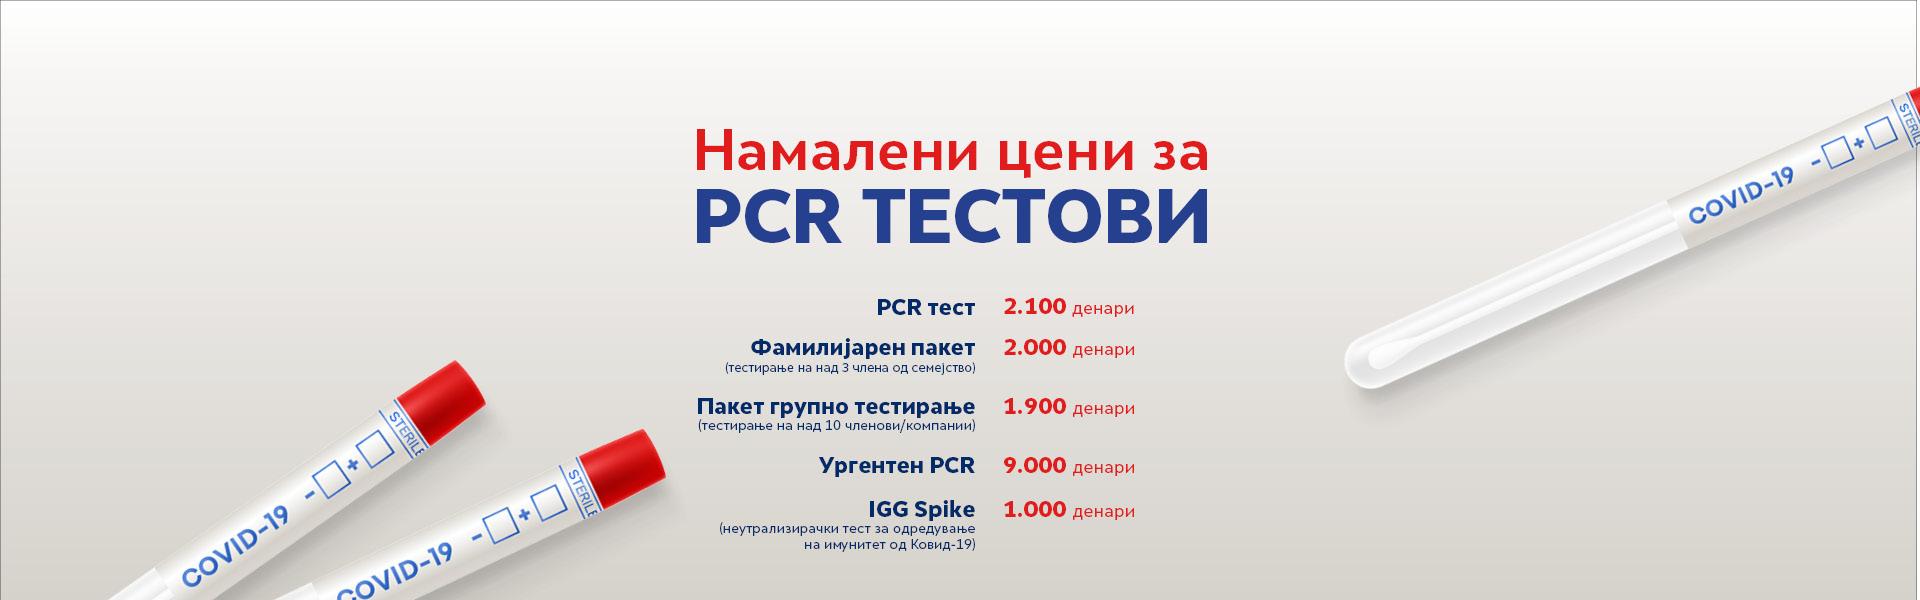 Korporativen WebBanner PCR